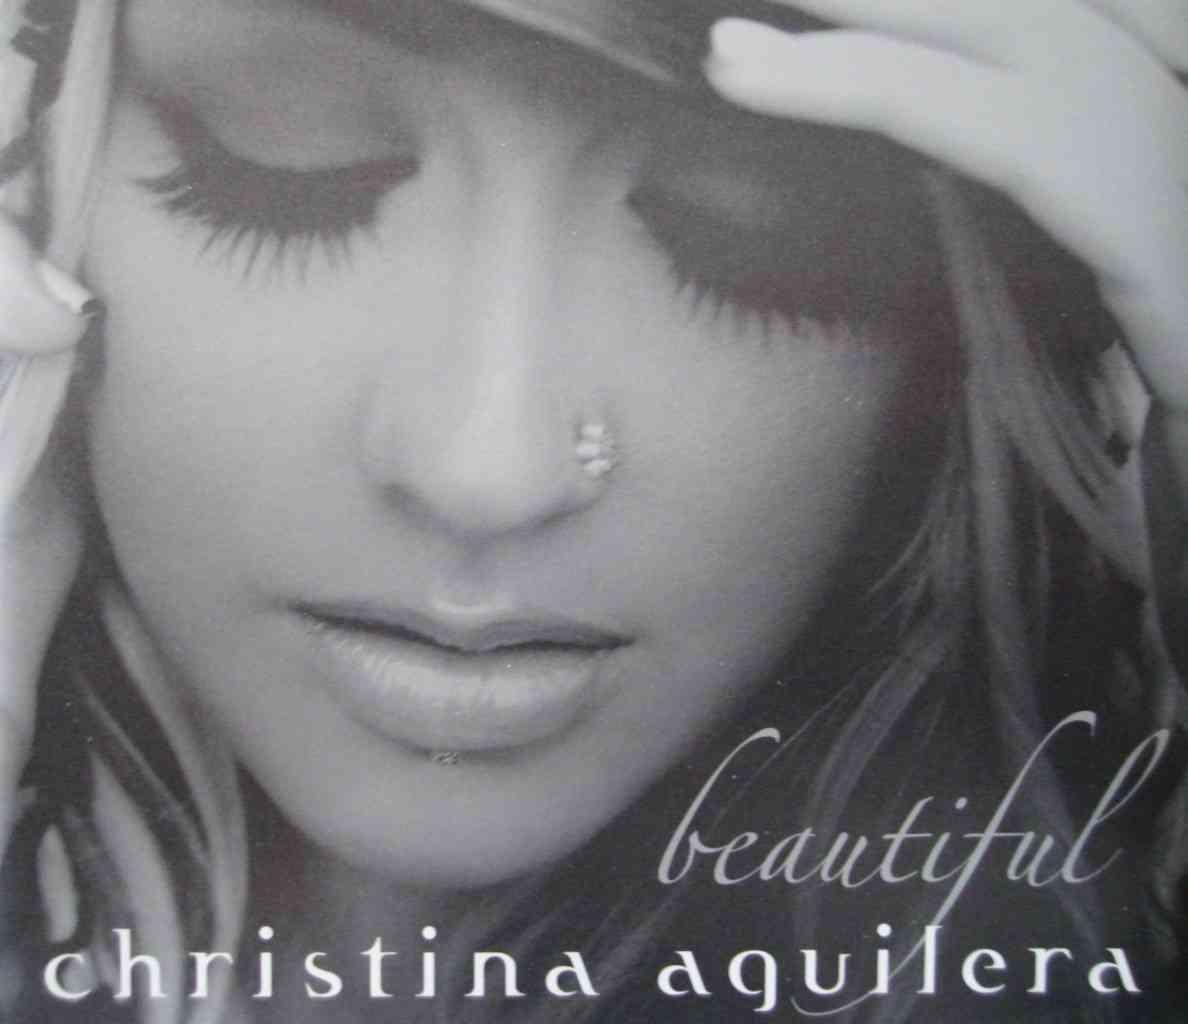 クリスティーナ・アギレラが好きな人